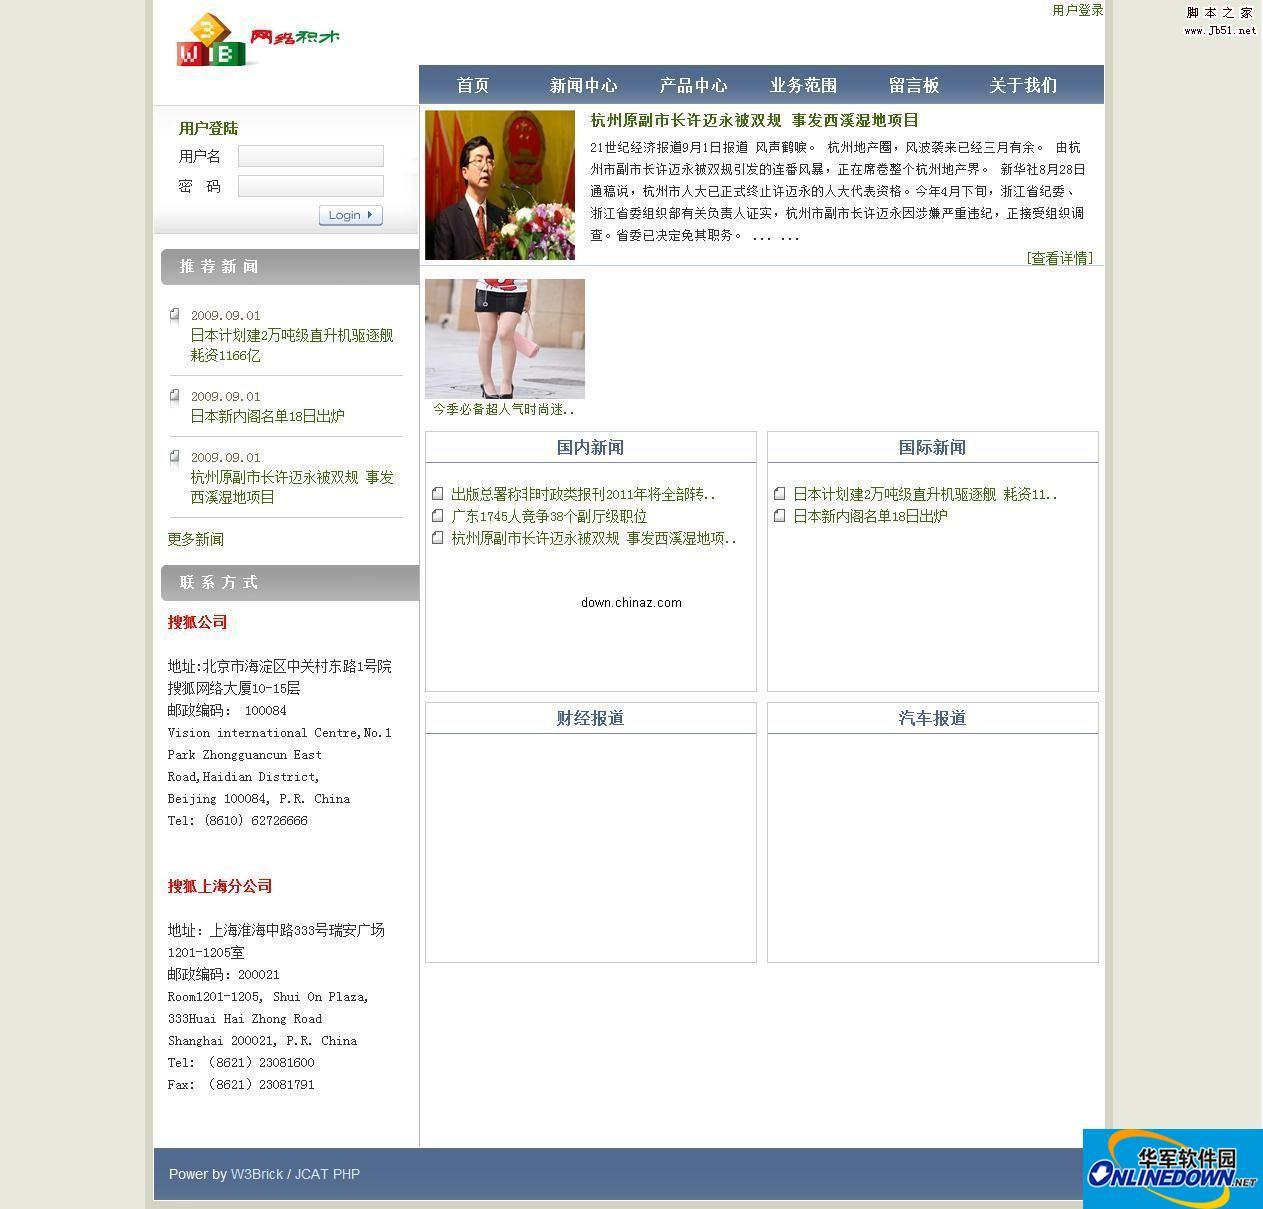 w3b php 企业网站管理系统0.1.2 正式版